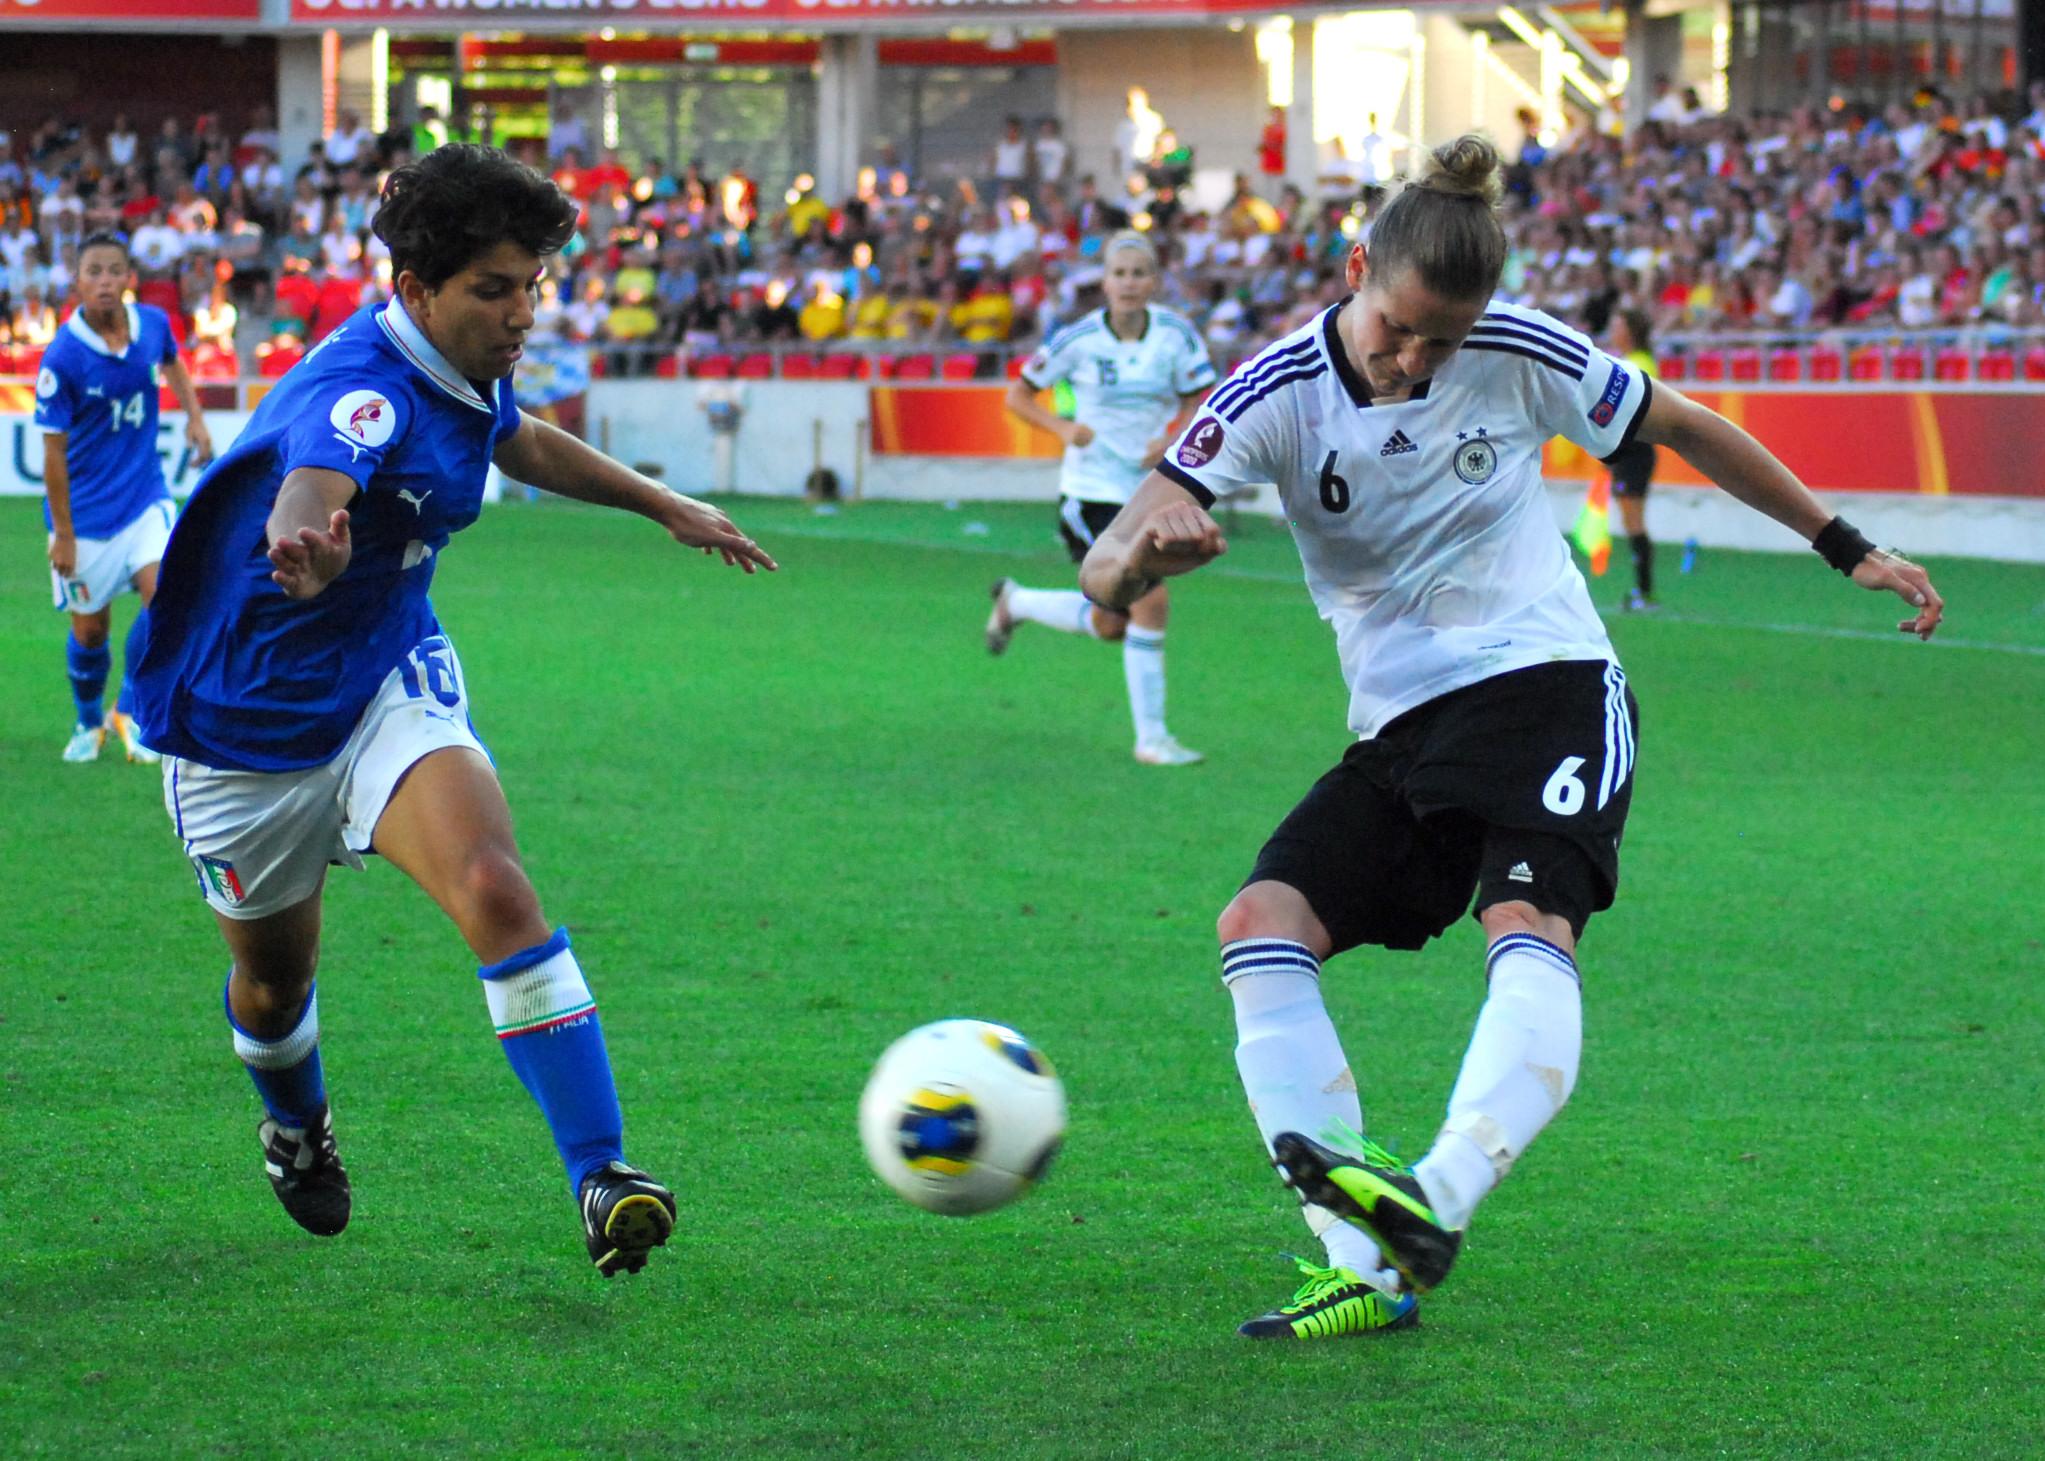 Kaum zu halten: Simone Laudehr (rechts) war die entscheidende Sielerin beim 1:0-Sieg der Deutschen über Italien. Und das nicht nur wegen ihres Tores. Foto: hj-media